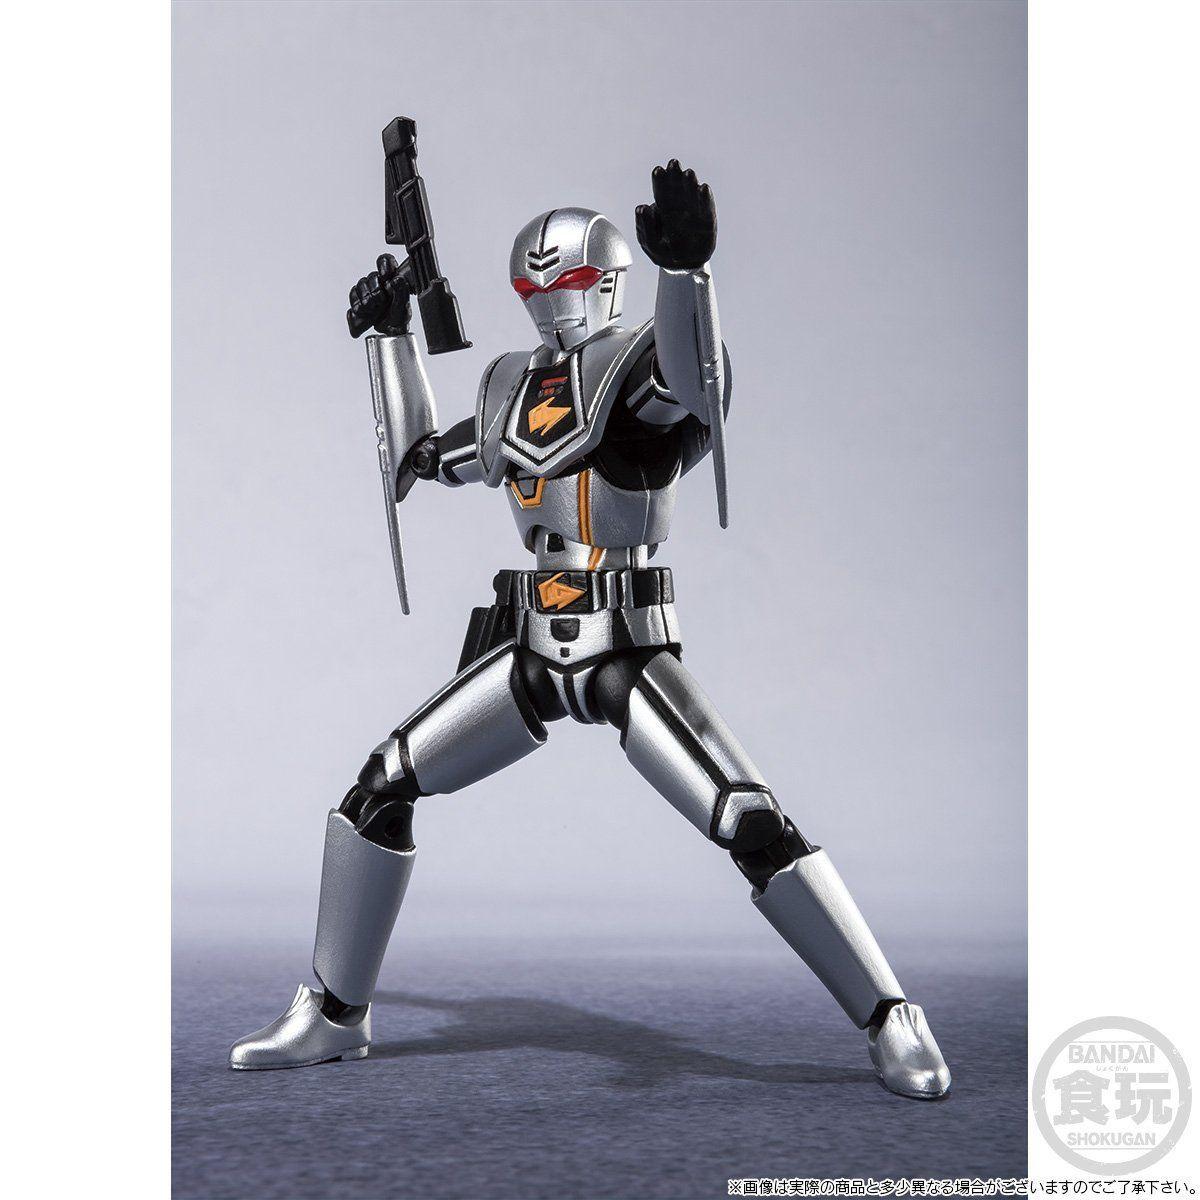 【限定販売】【食玩】SHODO SUPER『バイオハンター・シルバ』超電子バイオマン 可動フィギュア-007